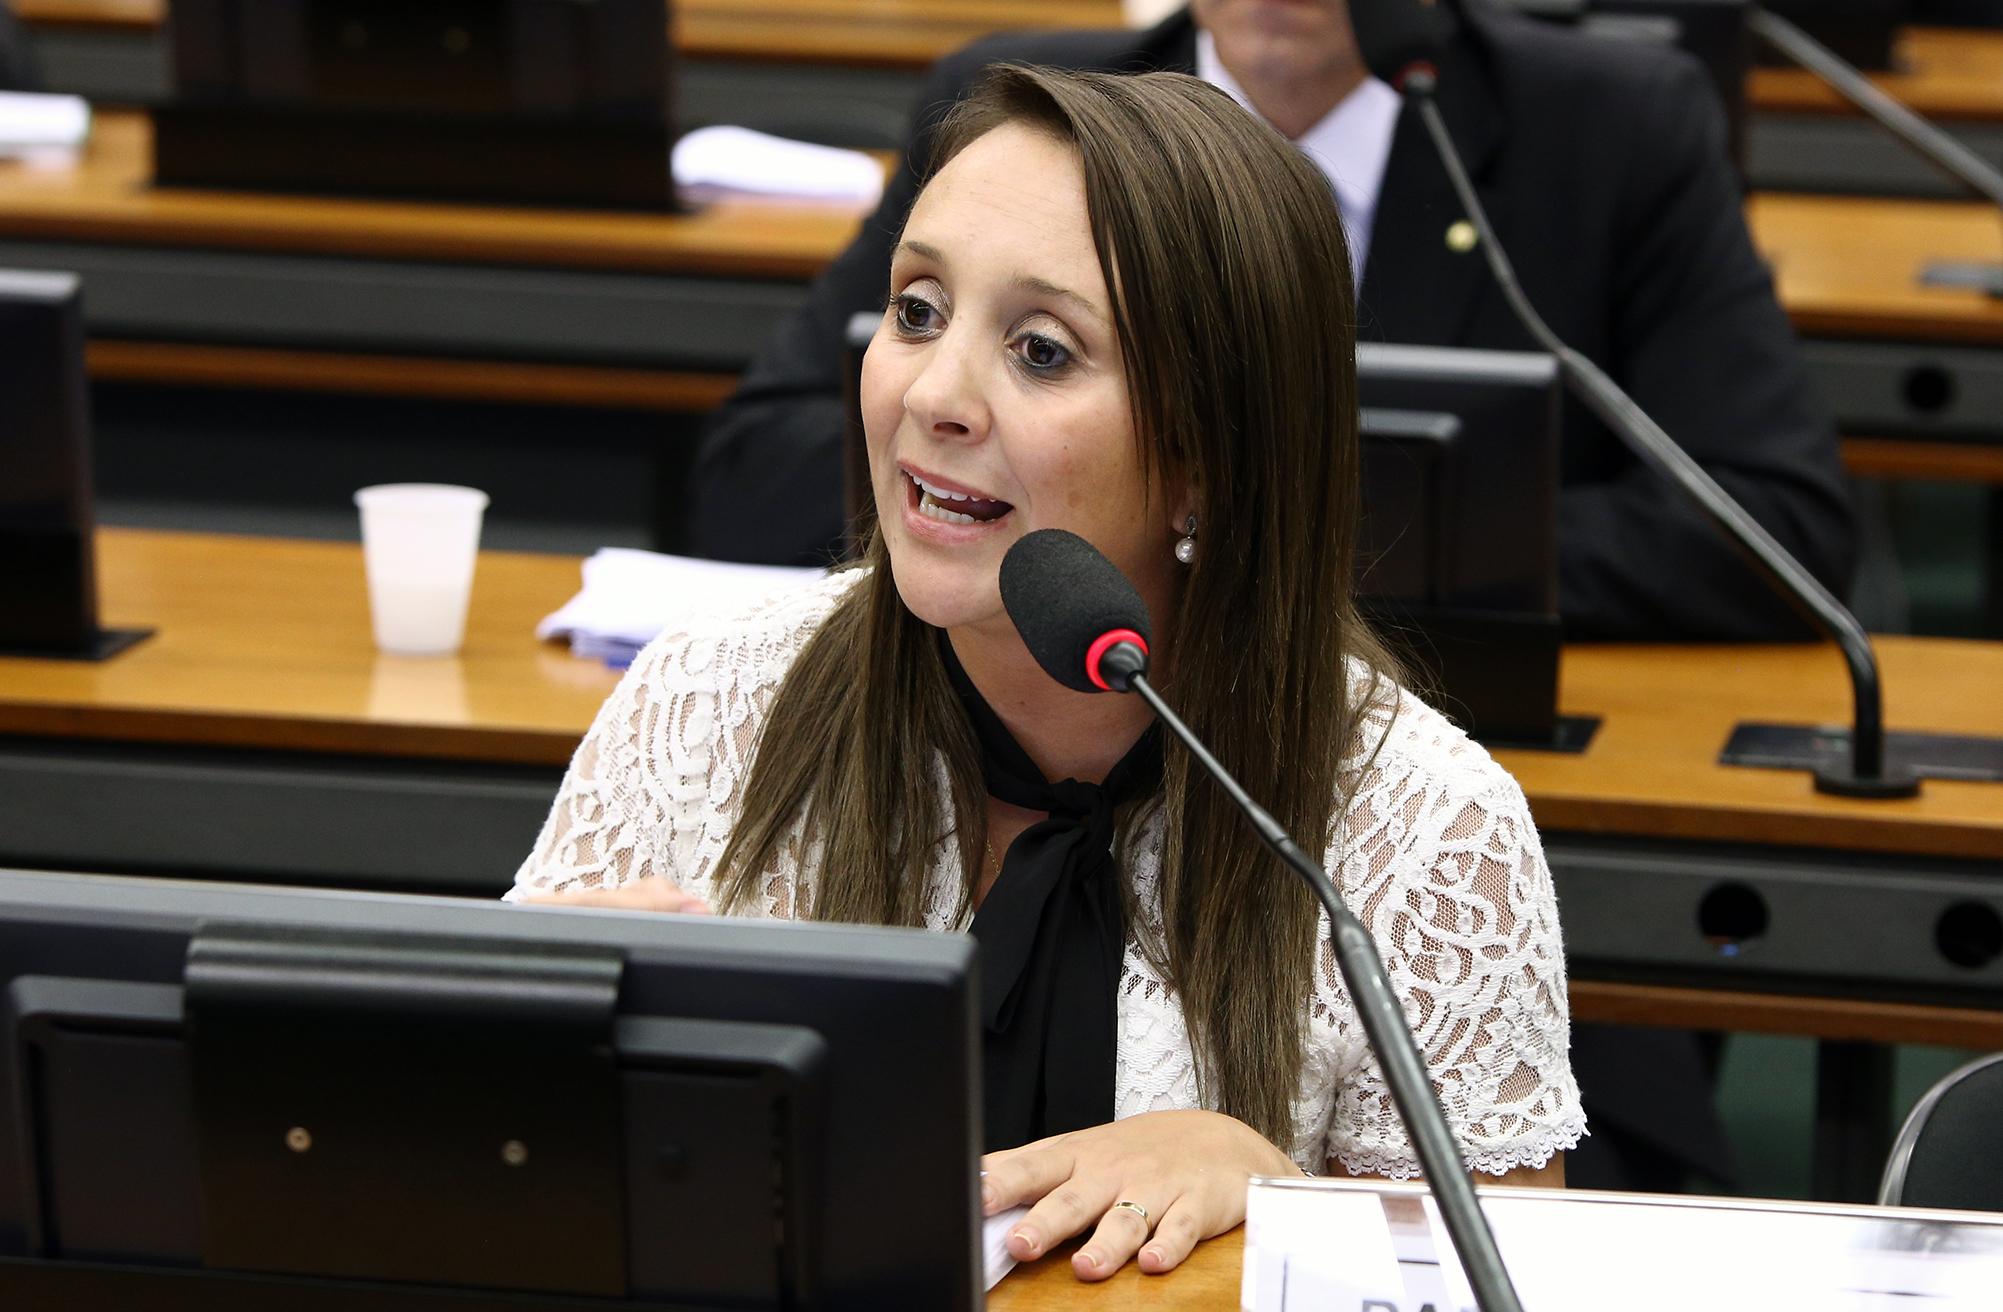 Instalação da Comissão e eleição do Presidente e dos Vice-Presidentes. Dep. Renata Abreu (PTN - SP)